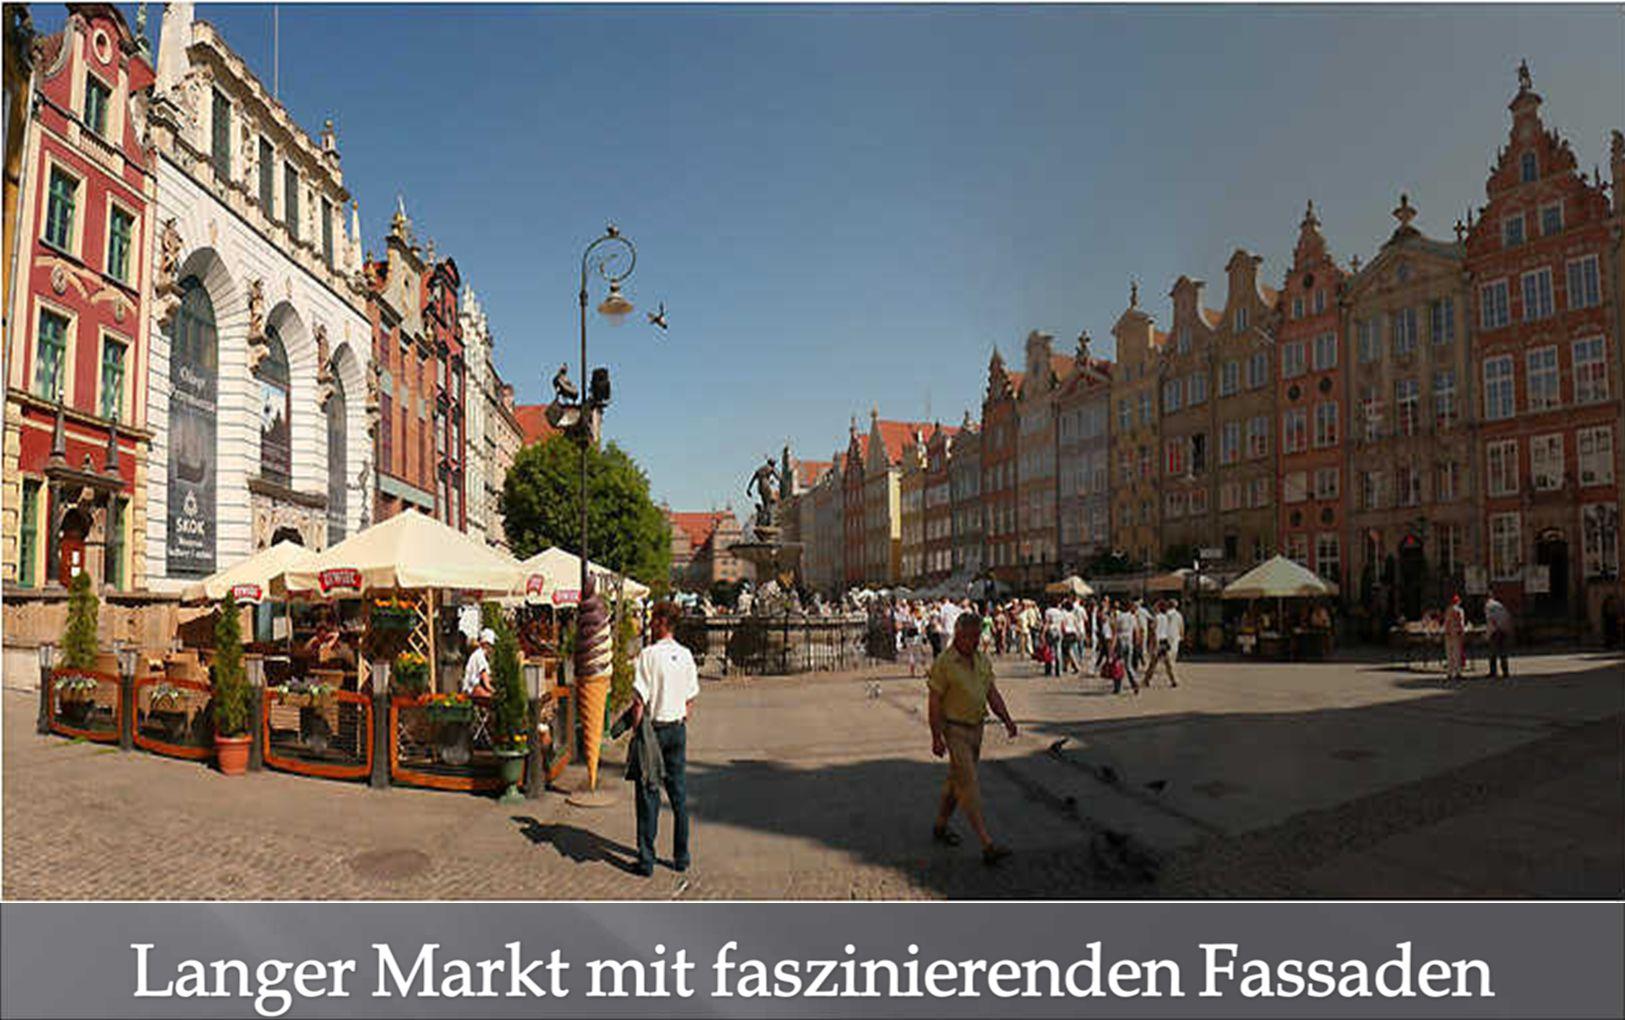 Langen Markt. Eine faszinierende Fassade reiht sich an die andere